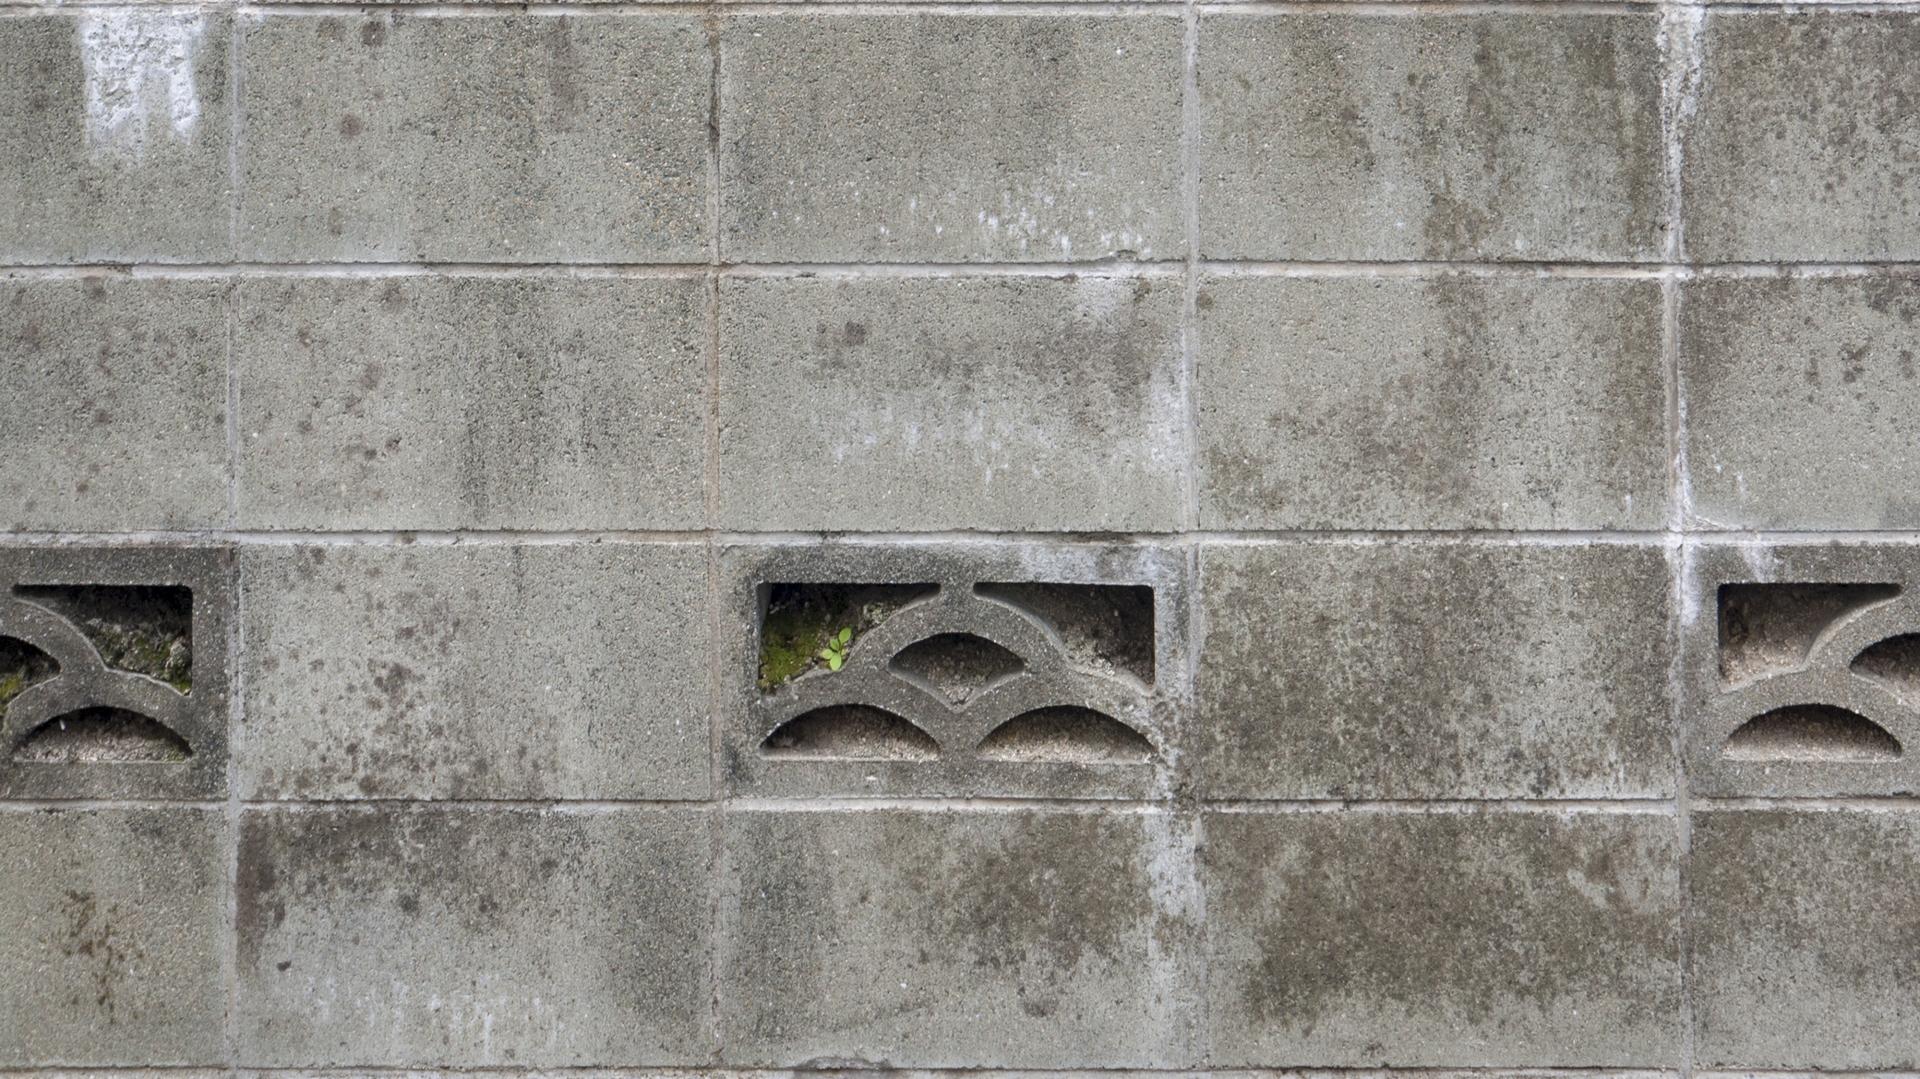 知らないと損!プロが教えるブロック塀塗装の塗料選び3つのポイント